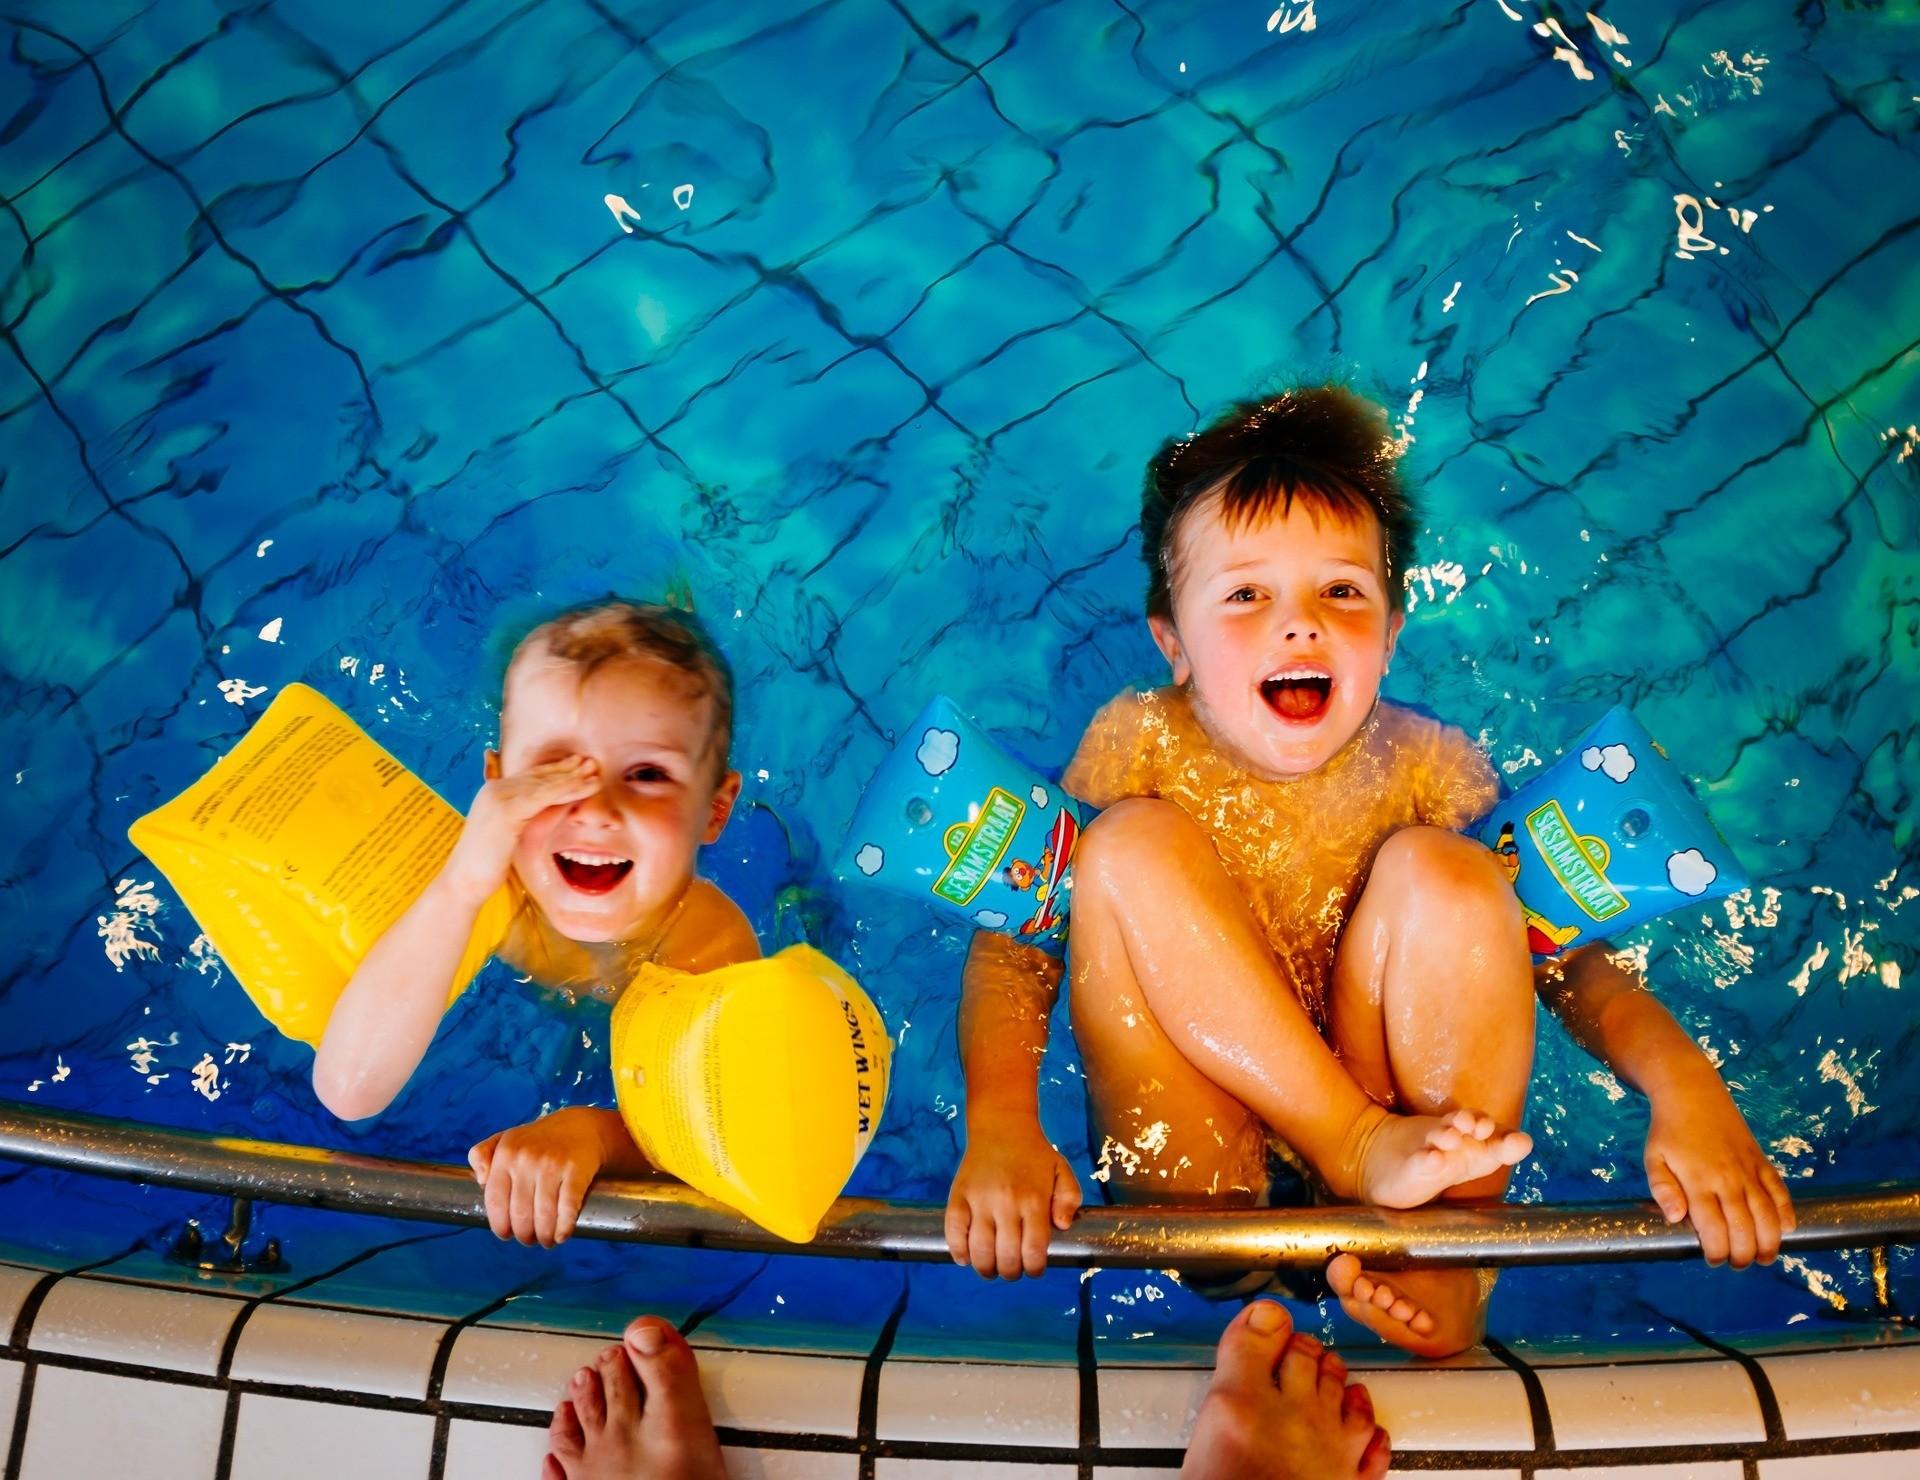 Как научить ребенка плавать (спойлер: к отпуску как раз успеешь)